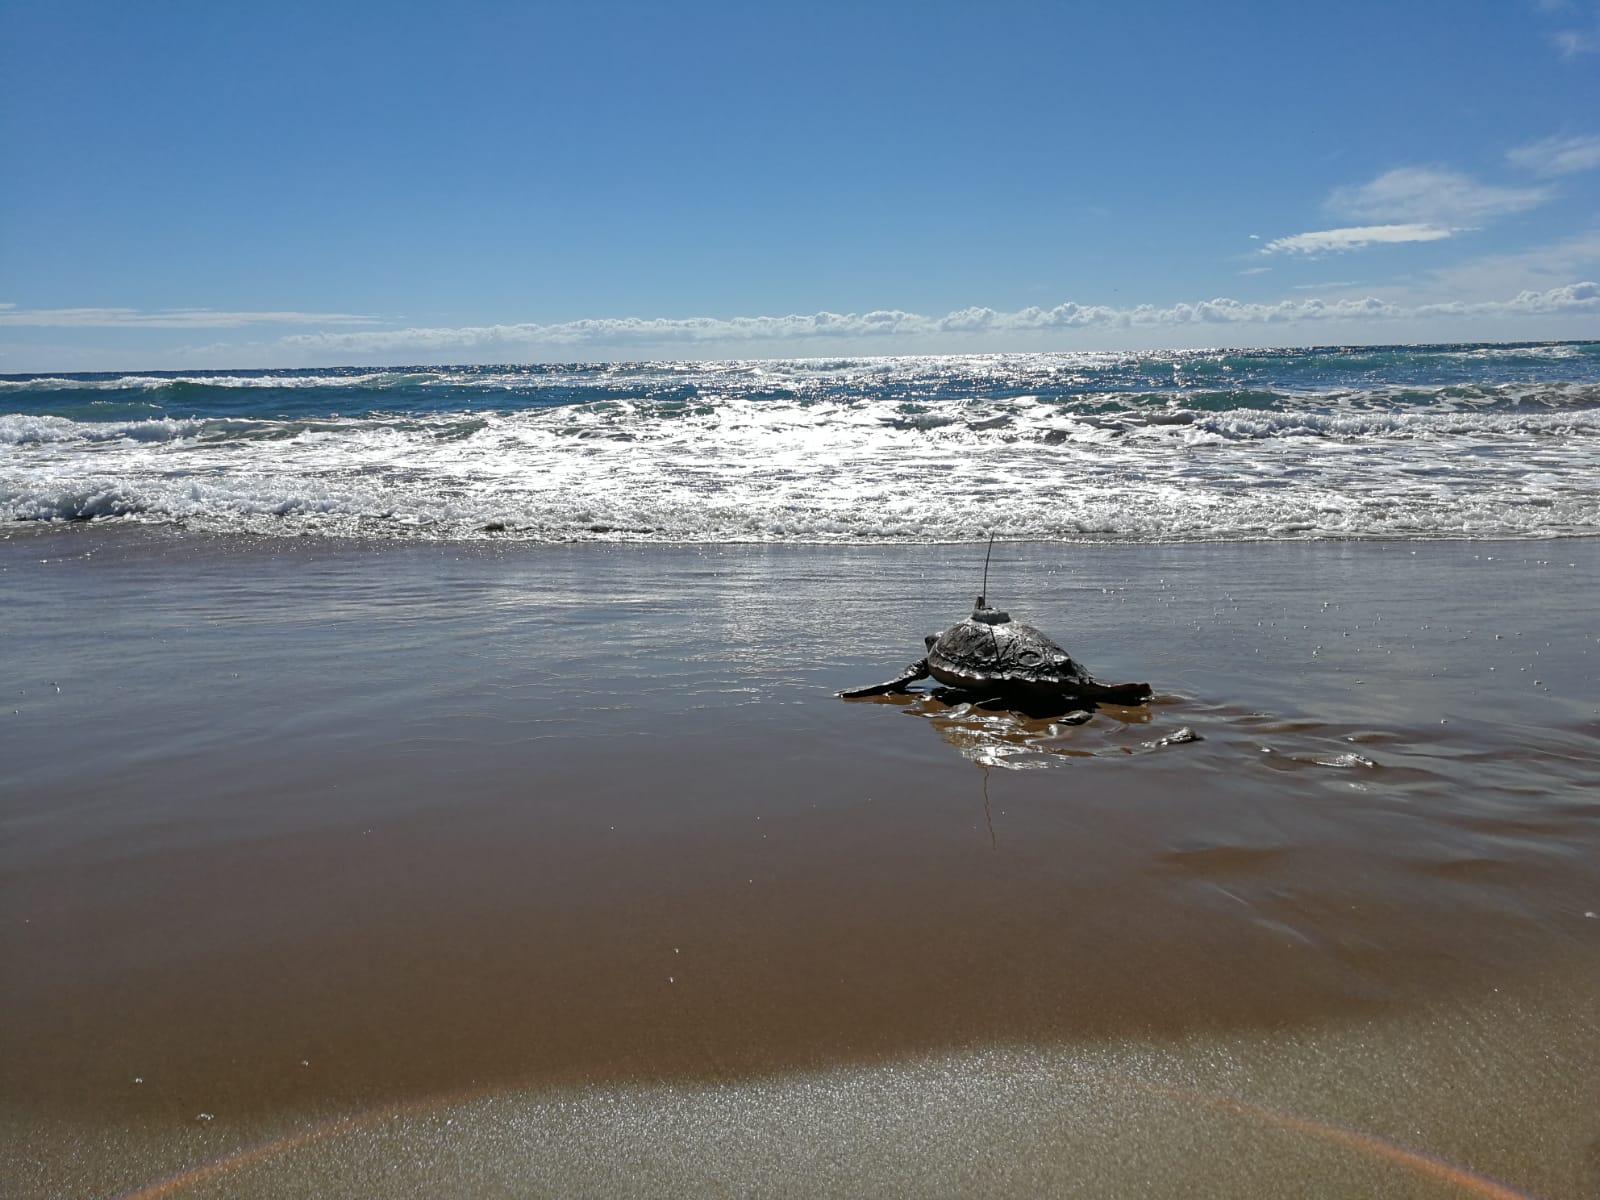 Tortuga marina marcada con dispositivo, en su camino de vuelta al mar. Imagen: Oceanogràfic